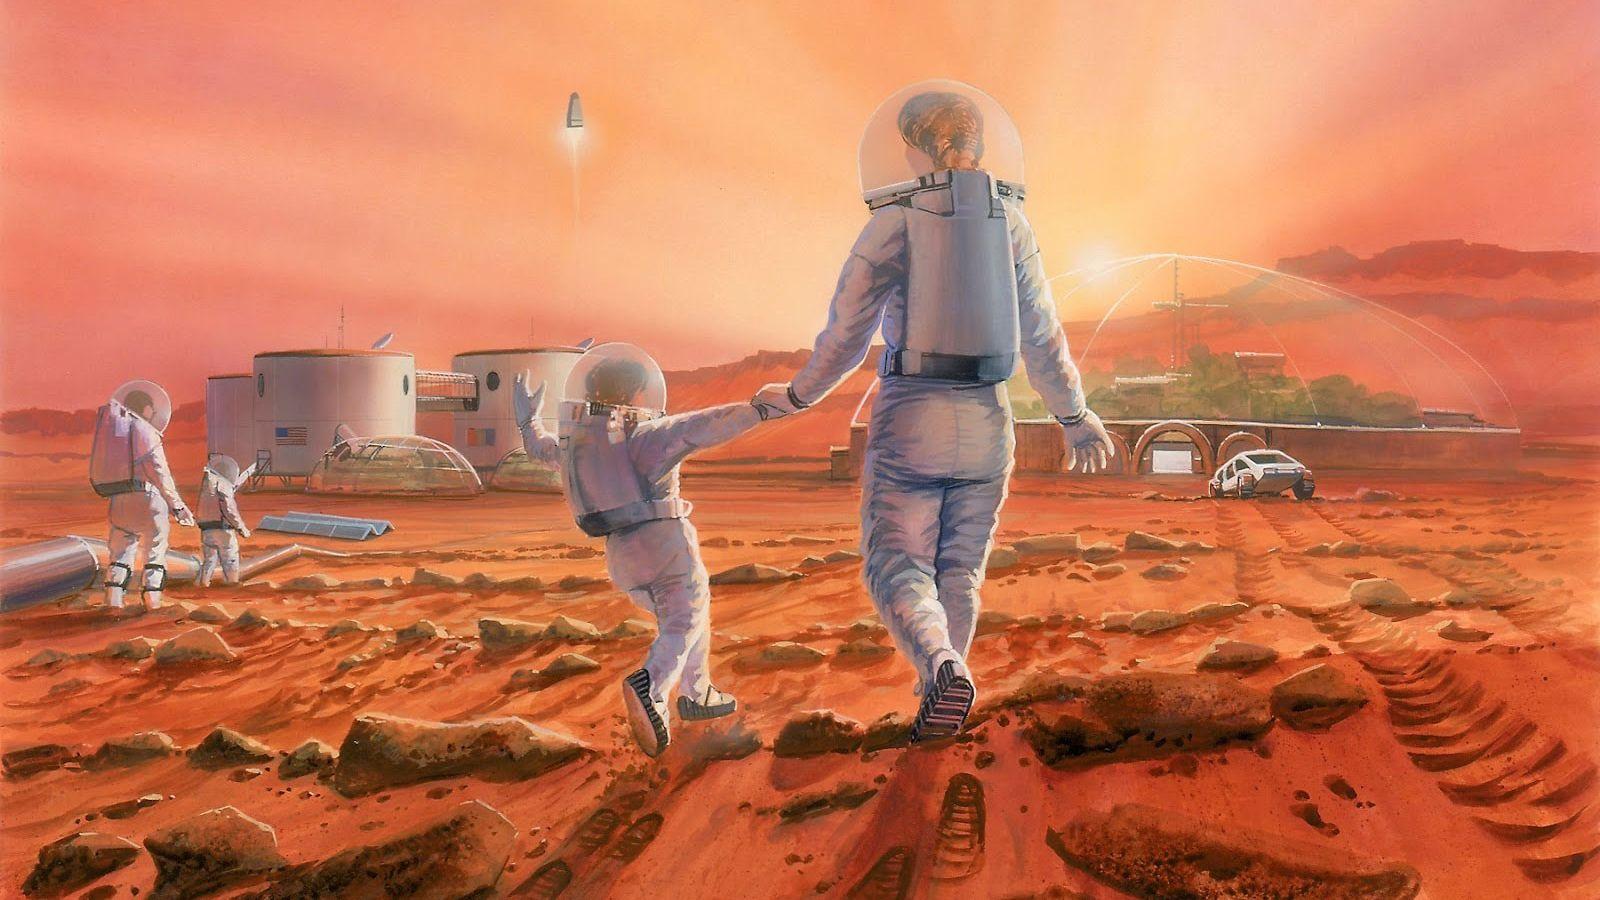 Una familia jugando en la superficie de Marte en una ilustración.